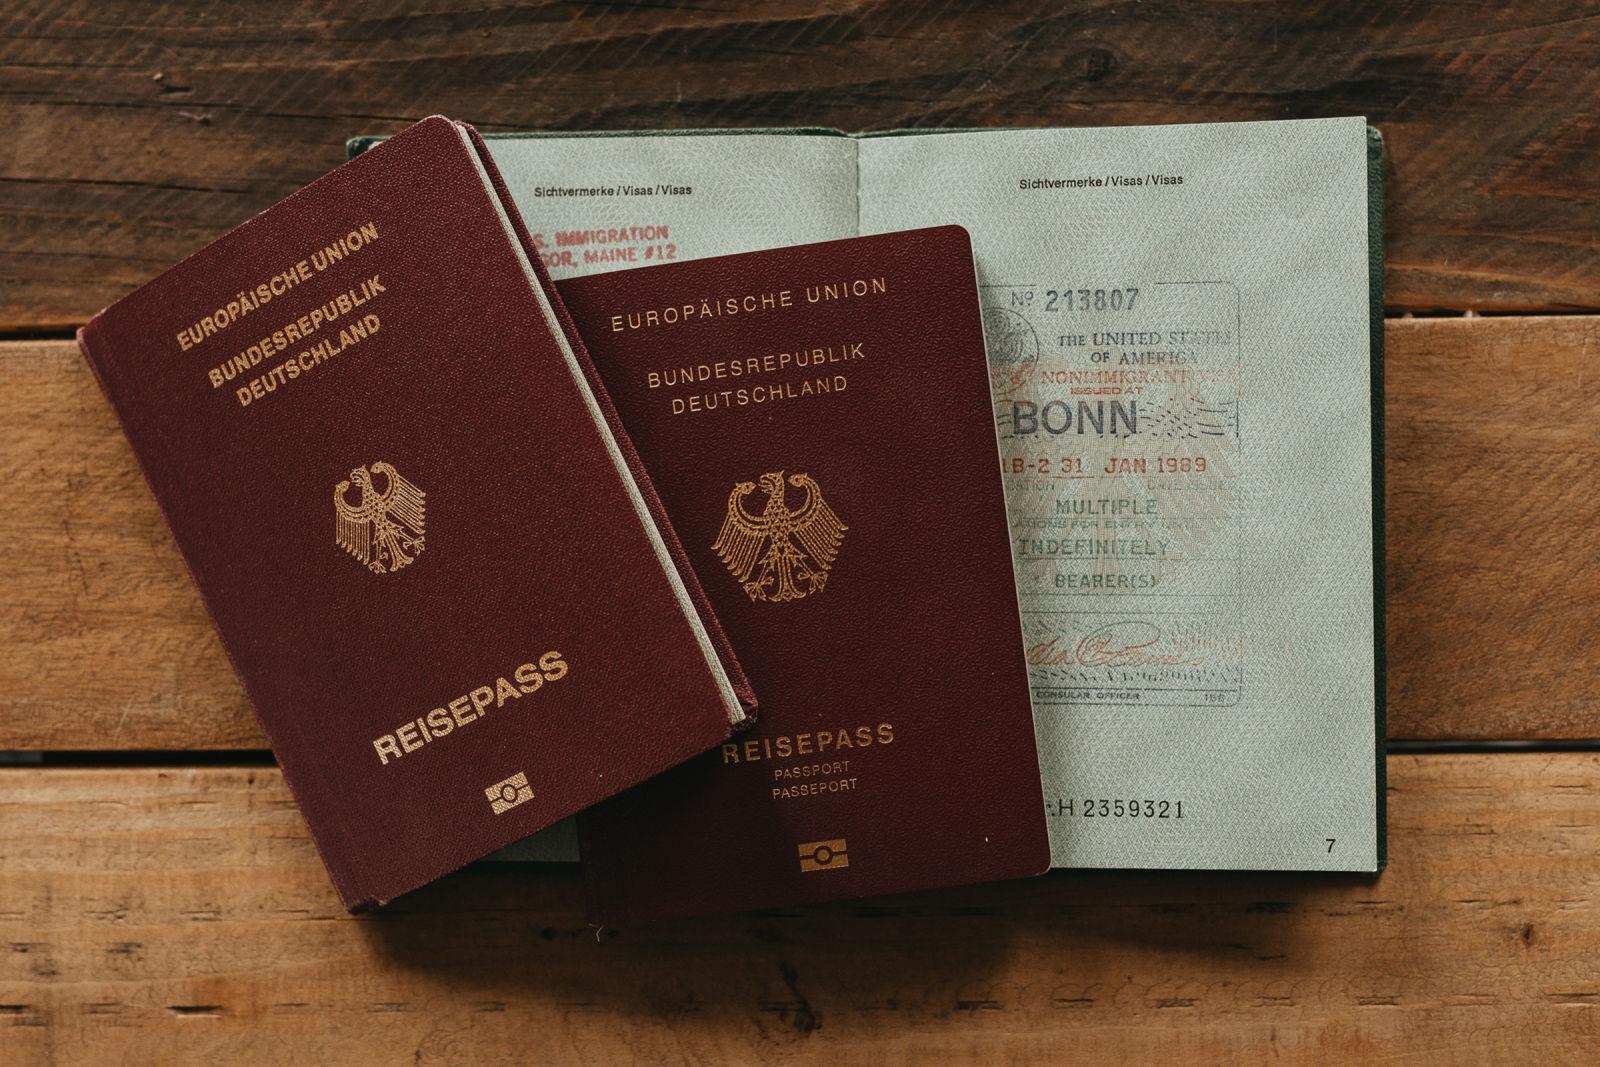 Der Plan zur langen Offroad-Reise - Wenn es geht, zwei Reisepässen mitnehmen.